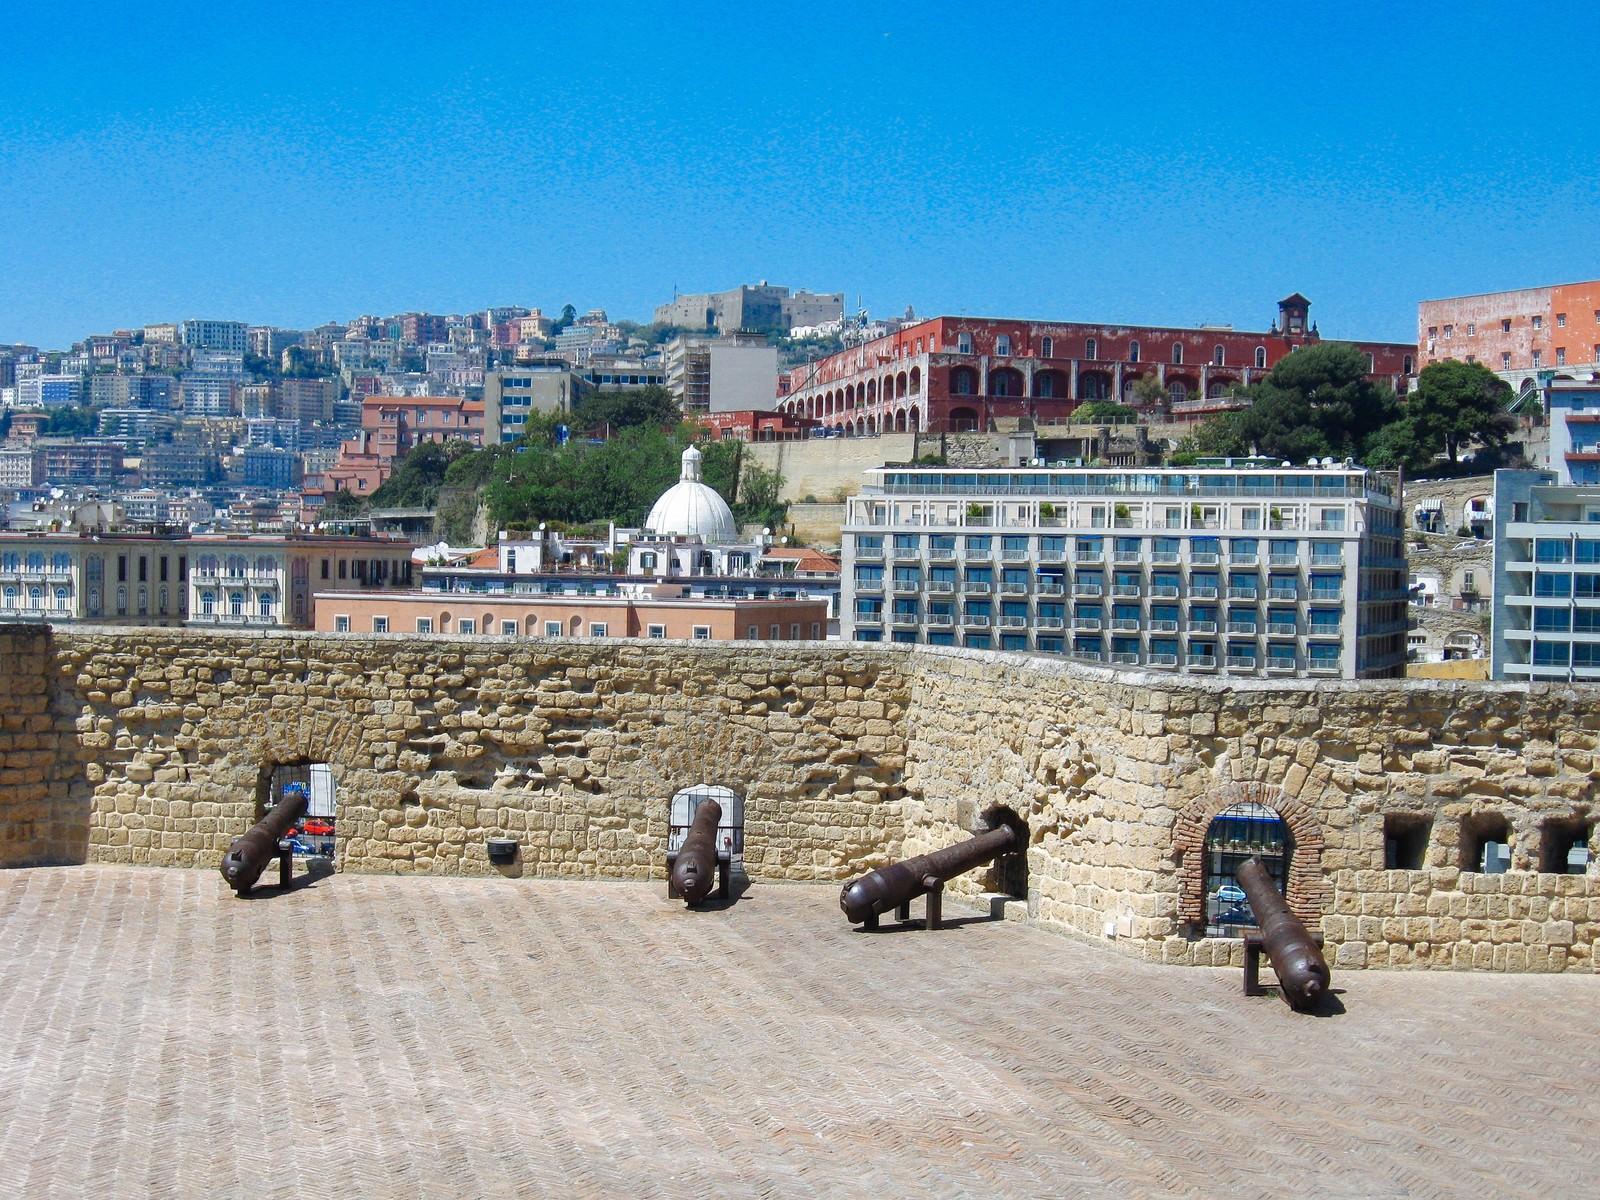 「大砲とナポリの街並み(イタリア)」の写真